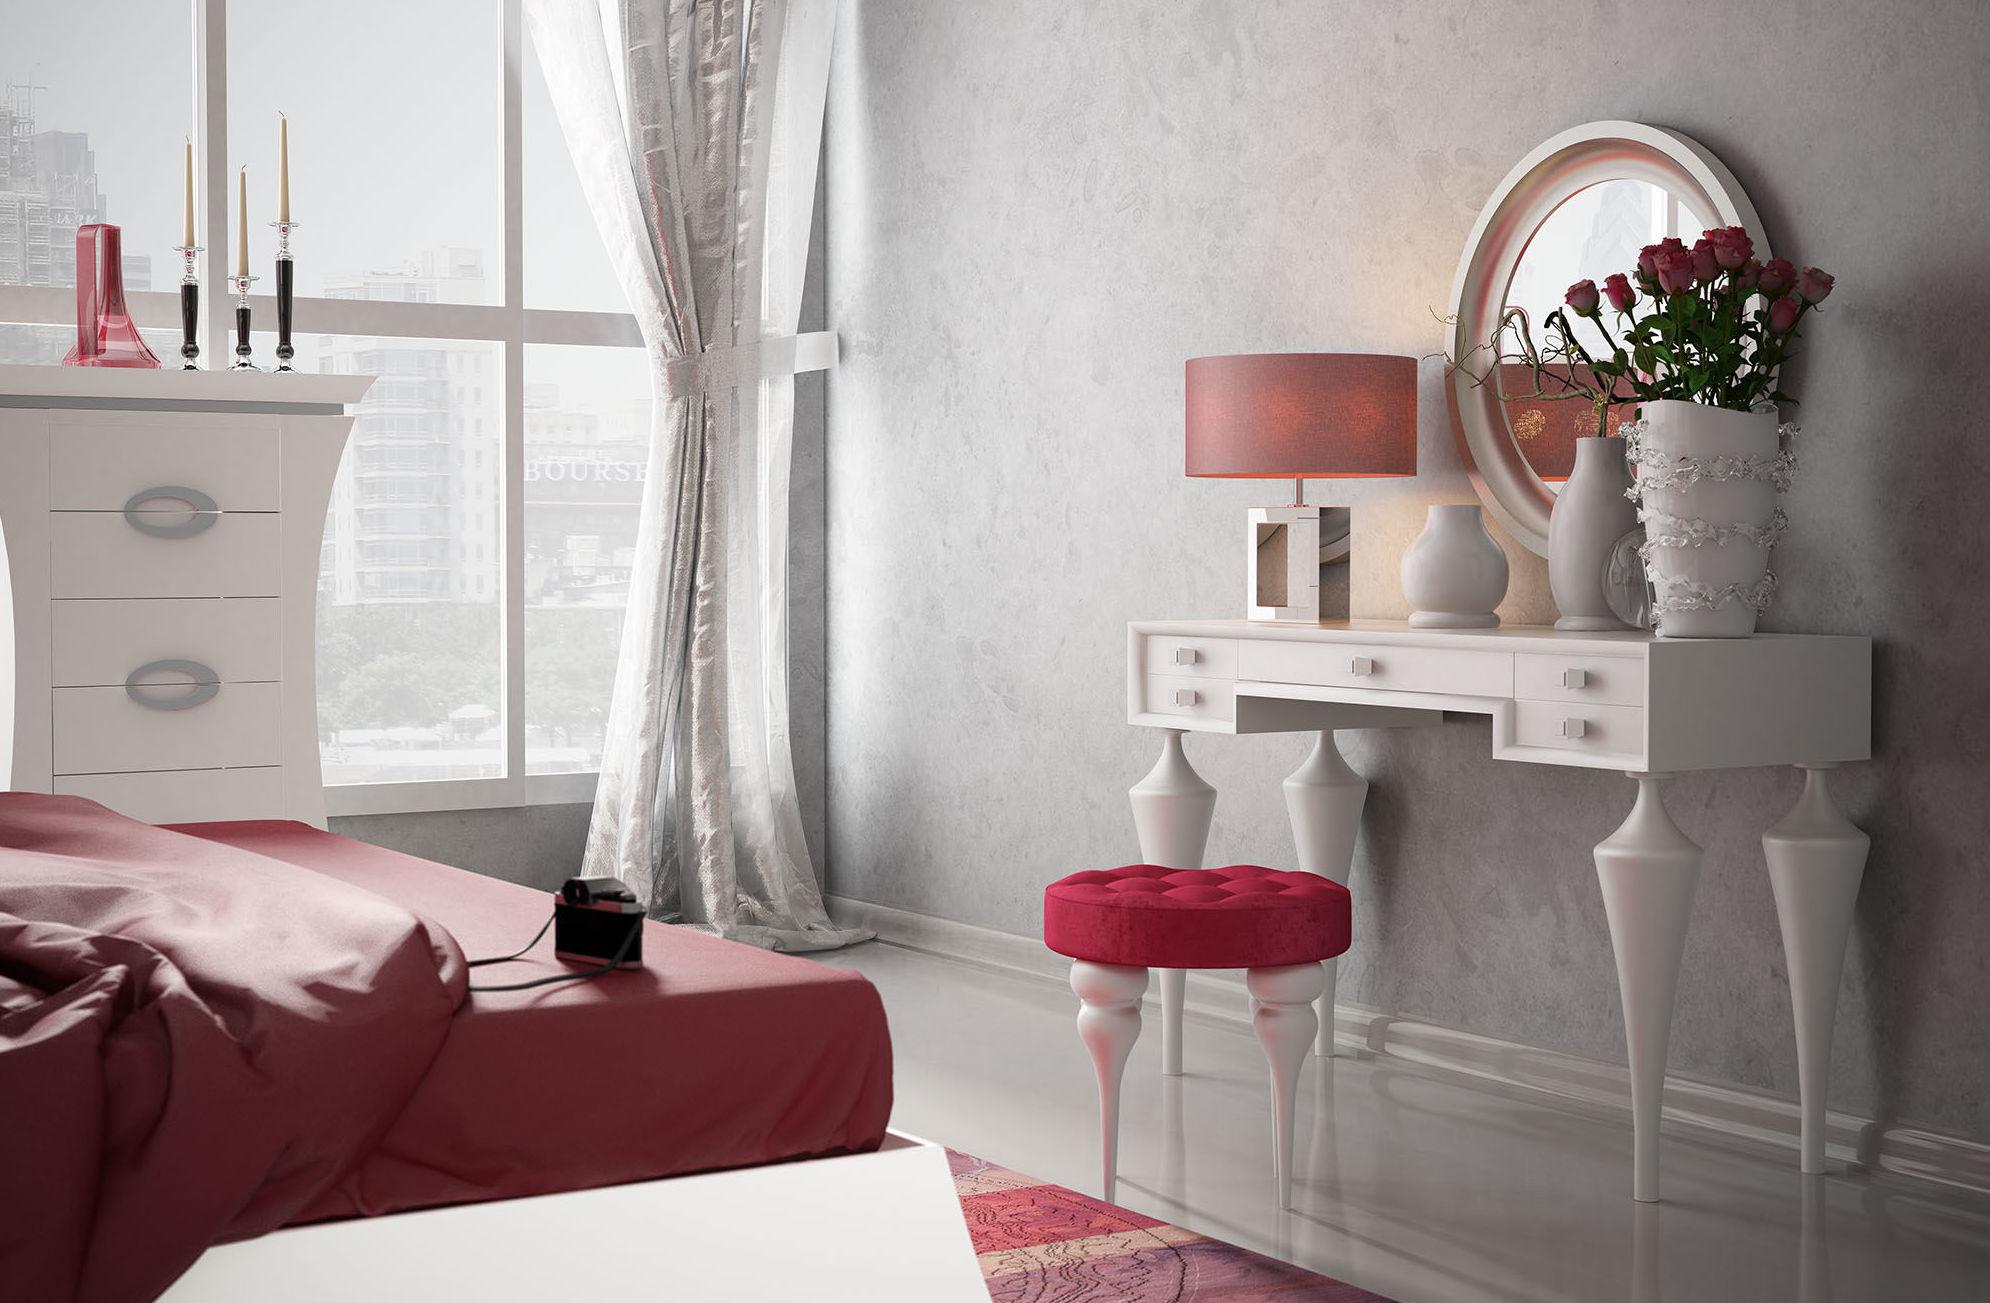 Franco Furniture colección Tocadores: Catálogo de muebles y sofás de Goga Muebles & Complementos